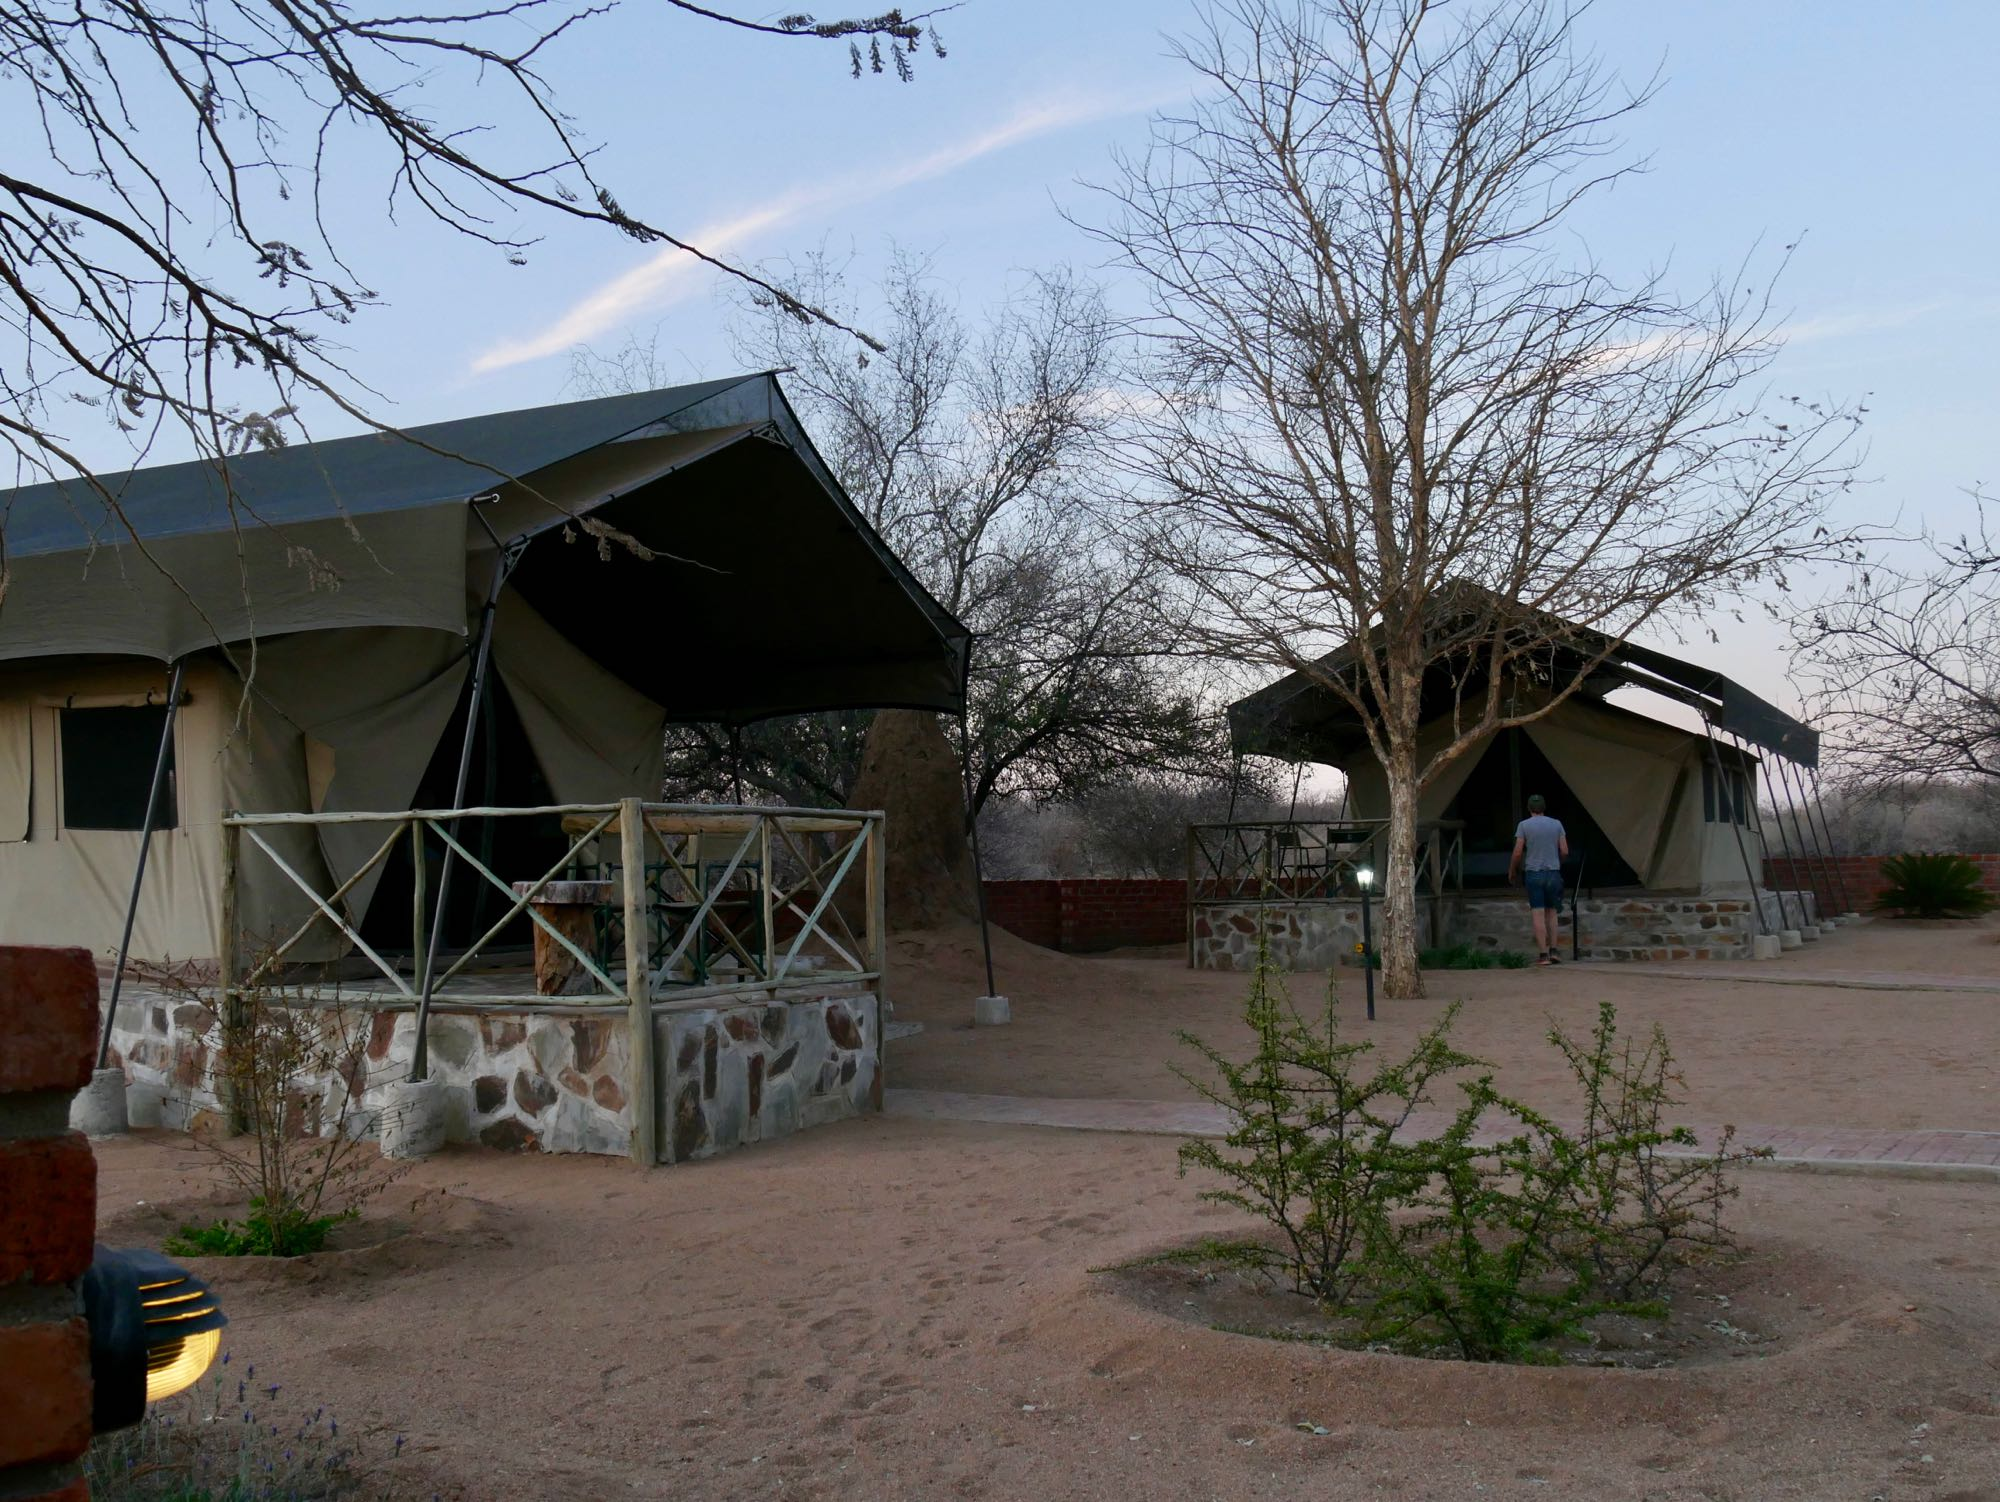 Les tentes d'Omatozu Camp